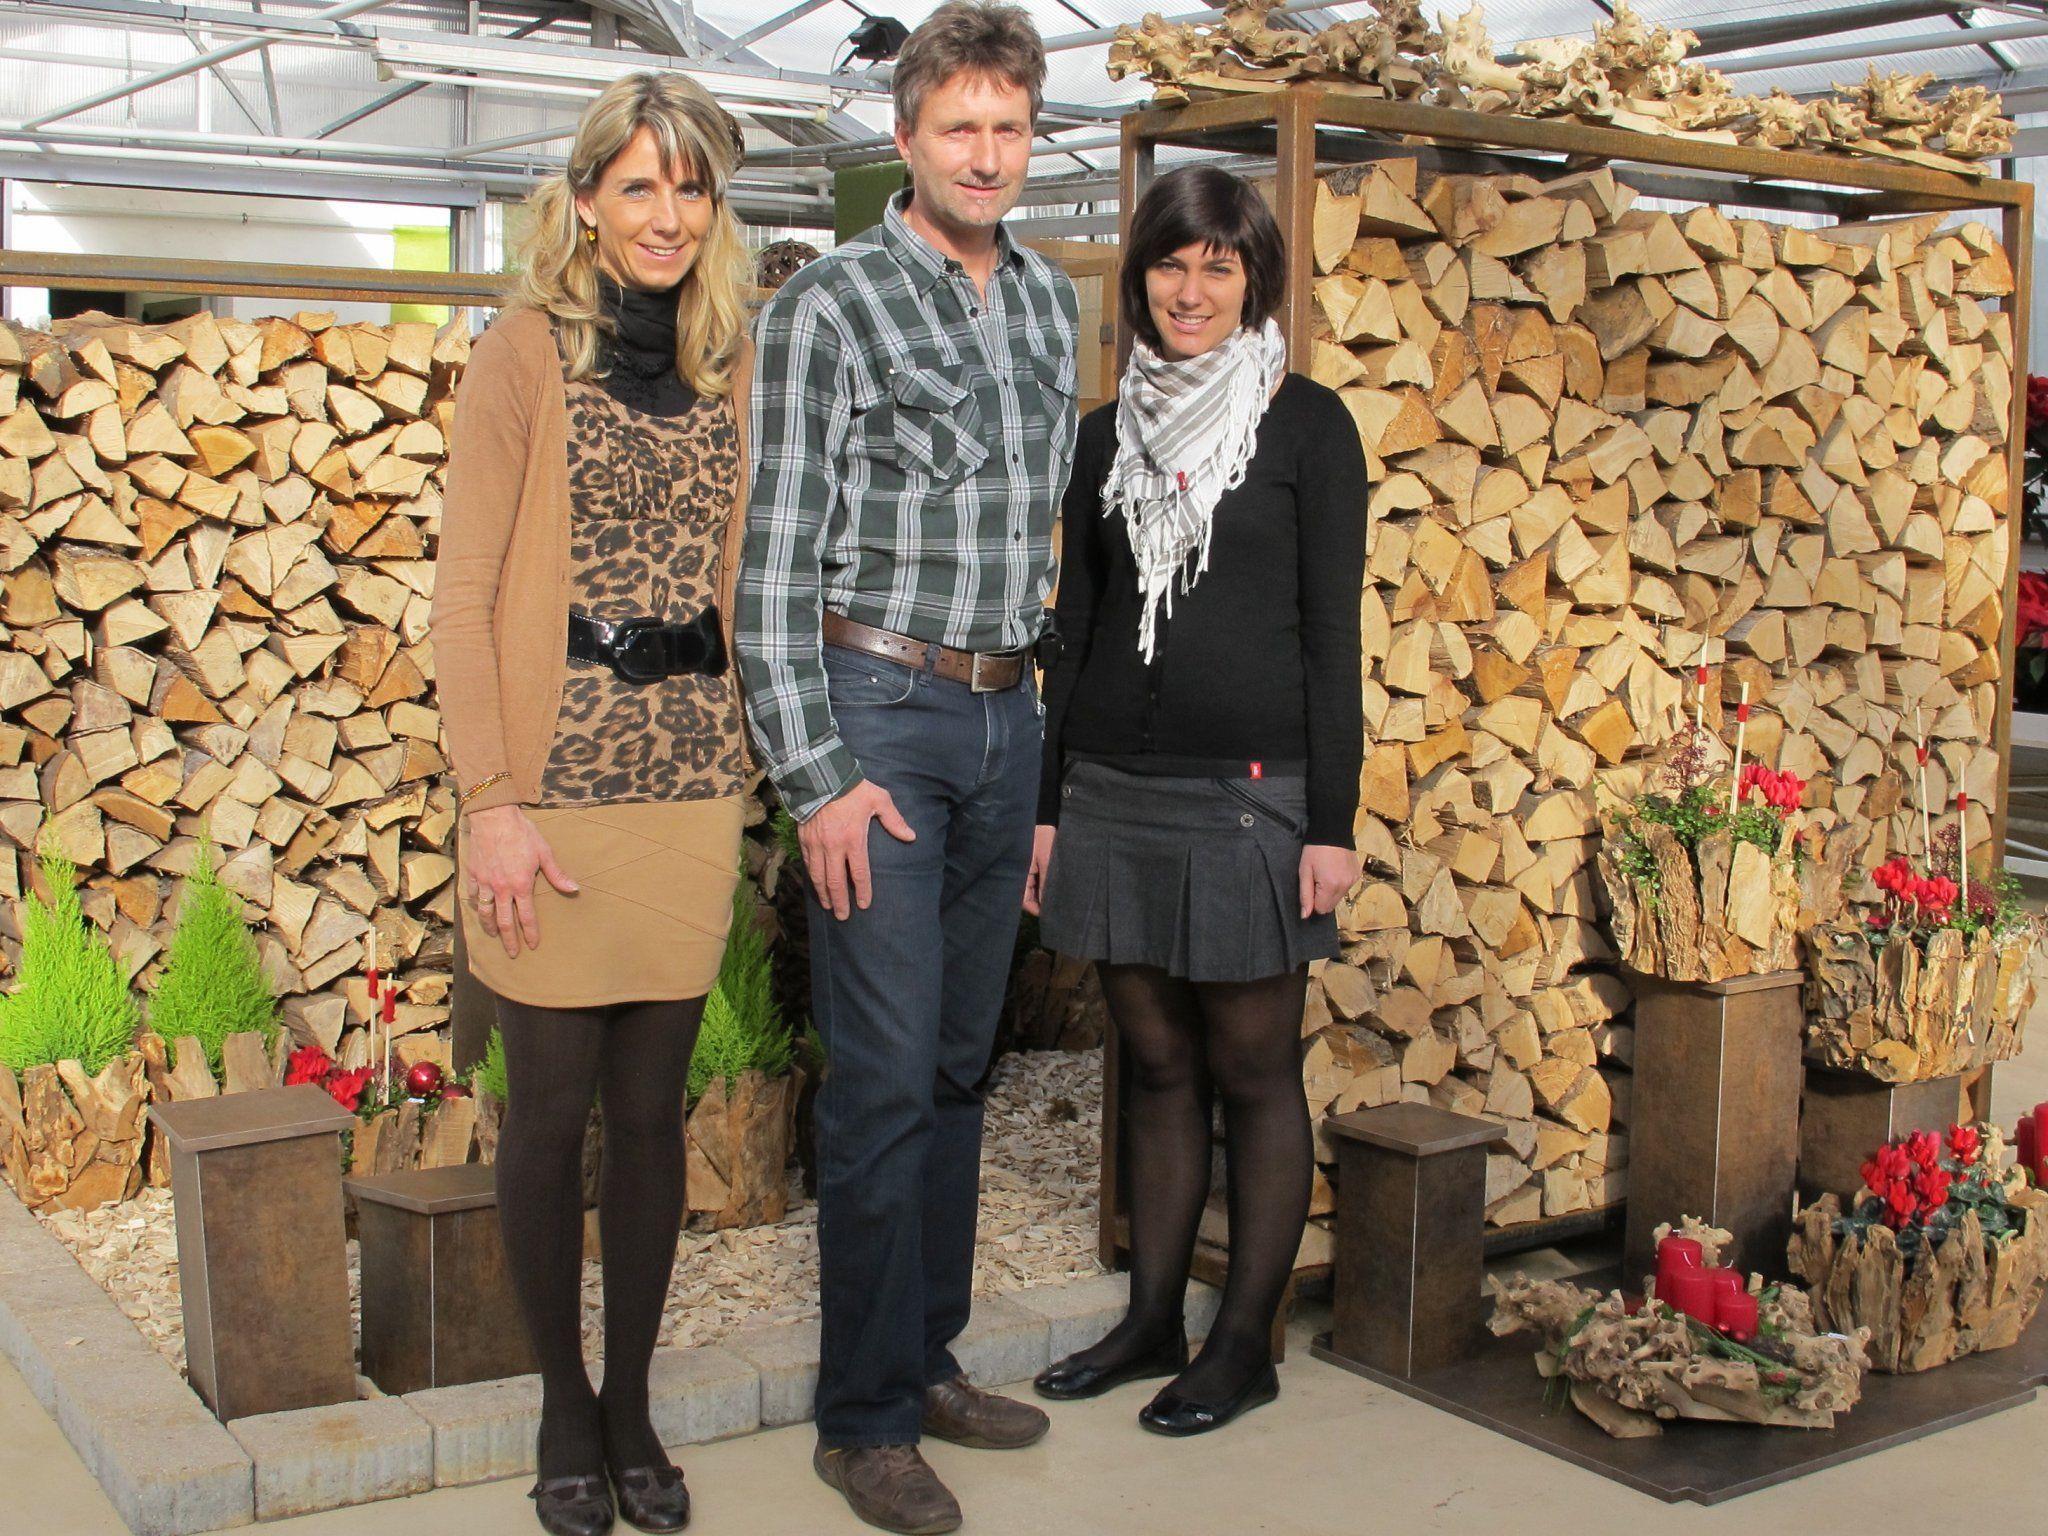 Veronika, Stefan und Isabelle freuten sich sehr über die gelungene Ausstellung